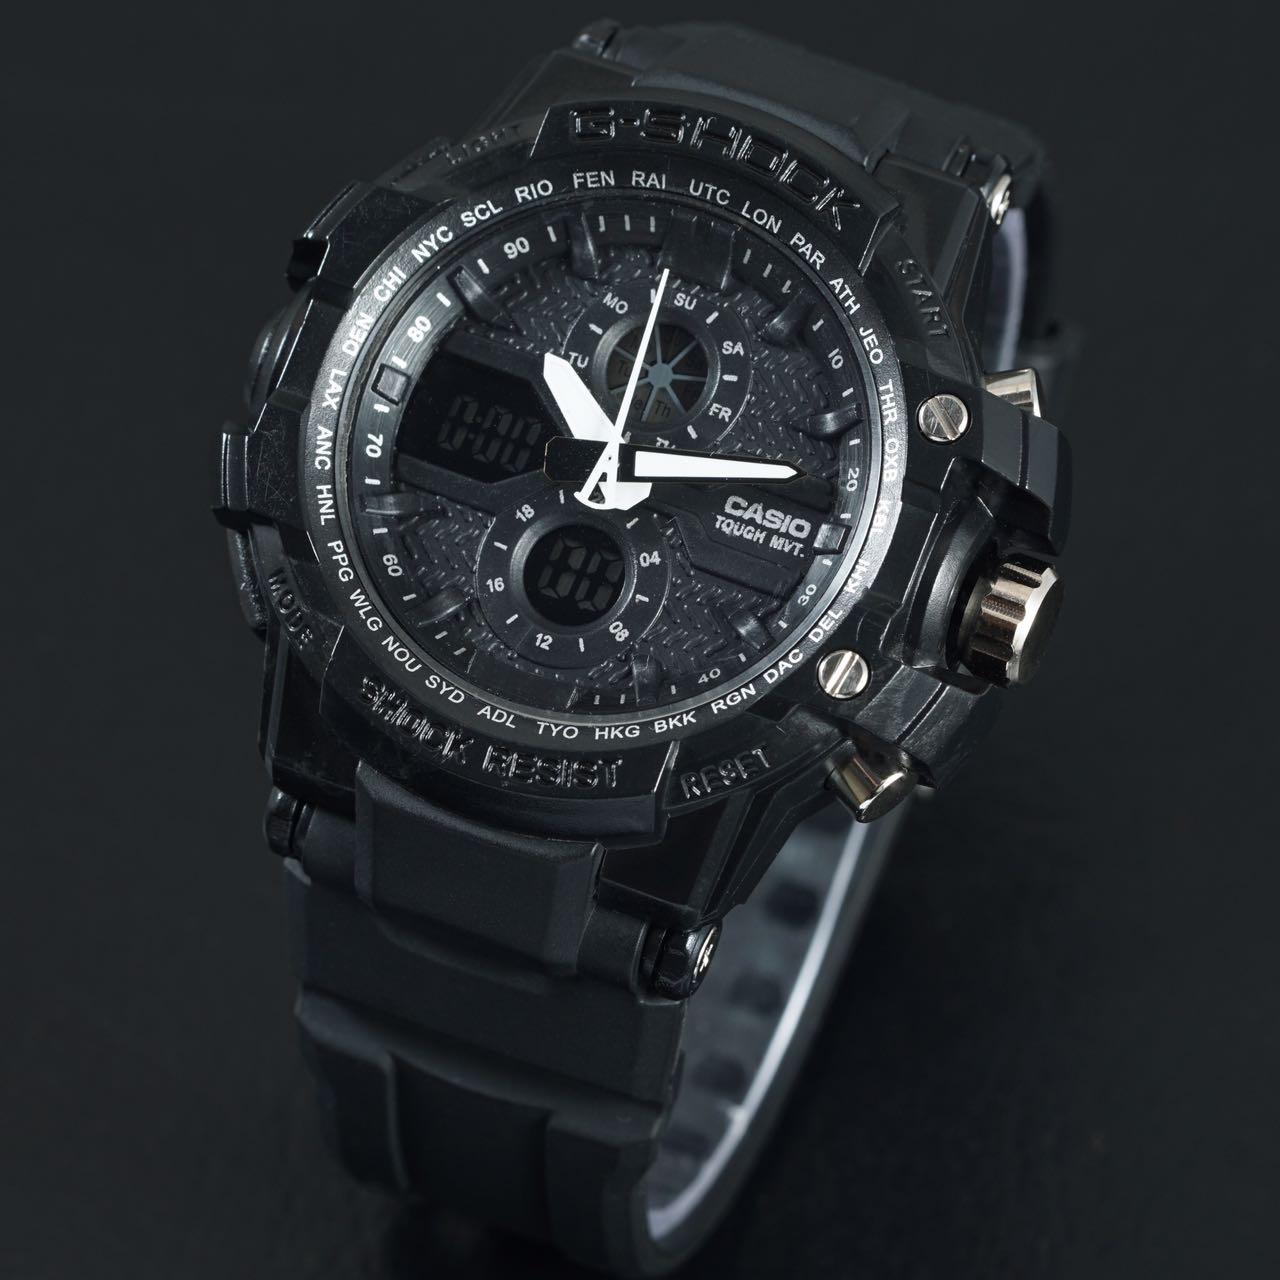 jam tangan gshock xfactor g shock x factor full black dualtime